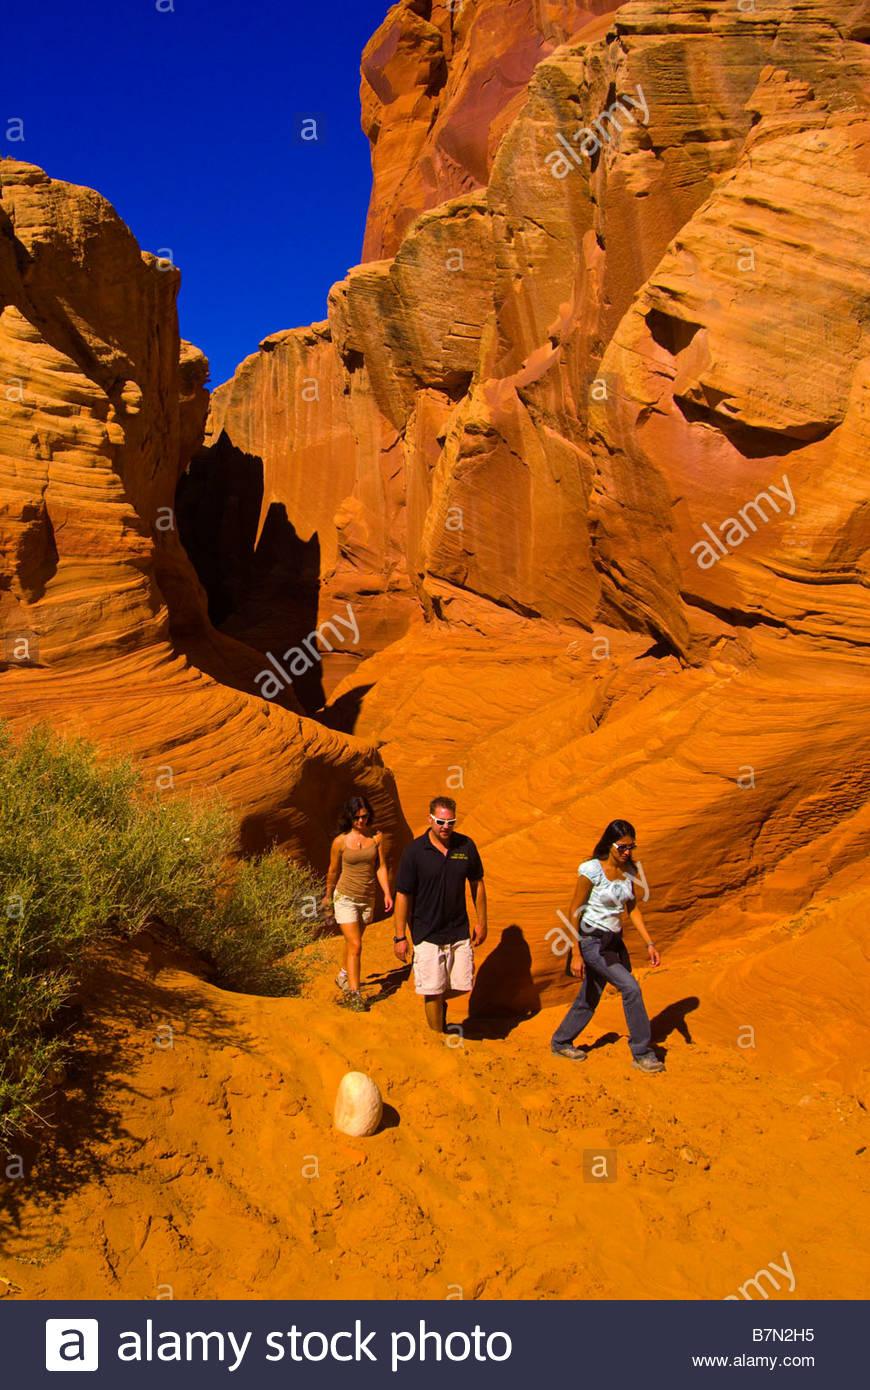 Hiking Secret Canyon slot canyon near Page Arizona USA Stock Photo